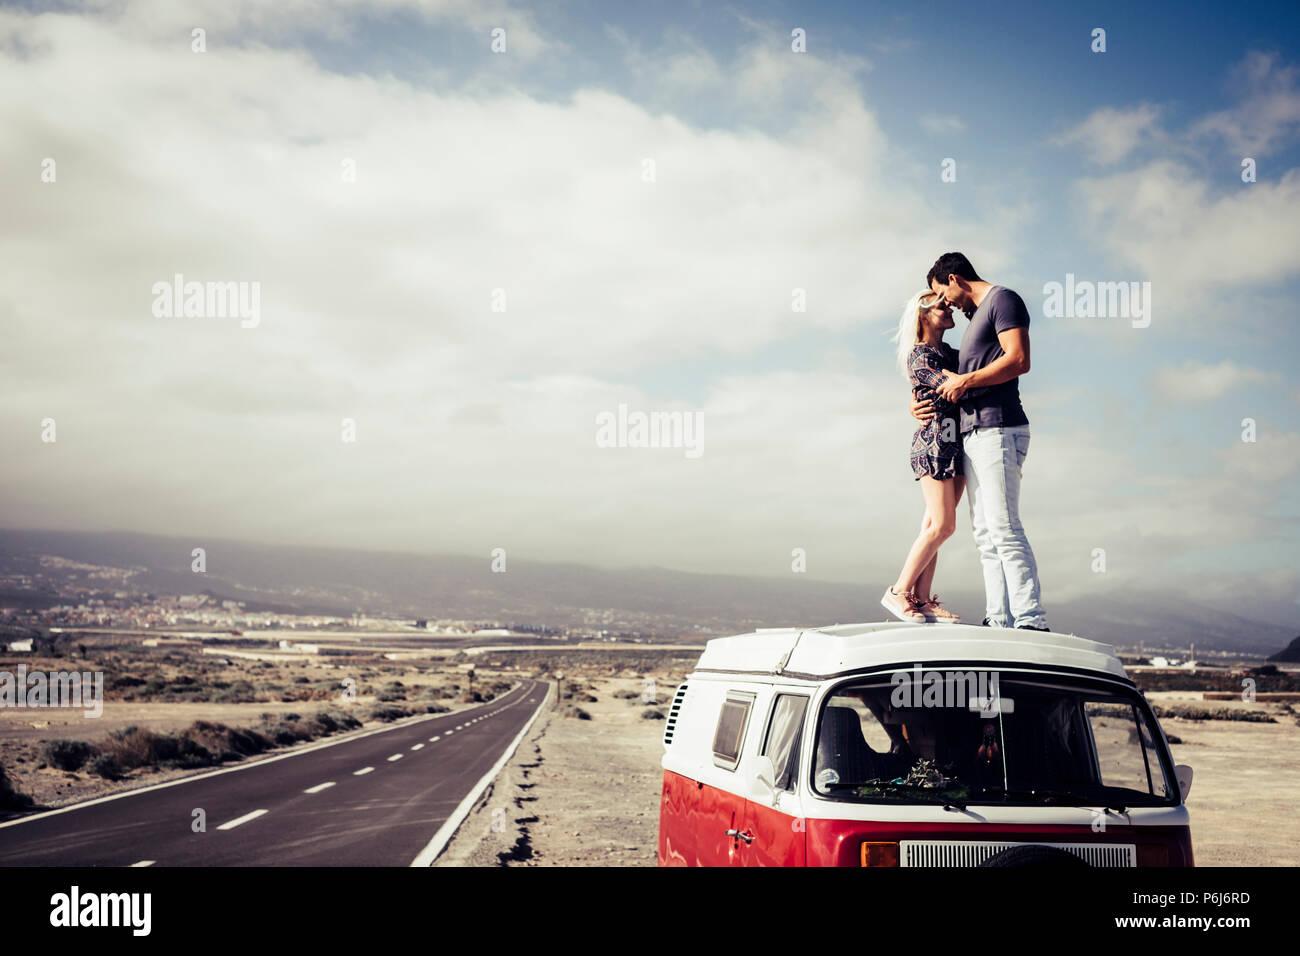 Schönen kaukasischen verliebtes Paar steht auf dem Dach eines Vintage legendaru Van. Reisen und Familie Konzept. lange asphaltierte Straße im Hintergrund und Sky Stockbild